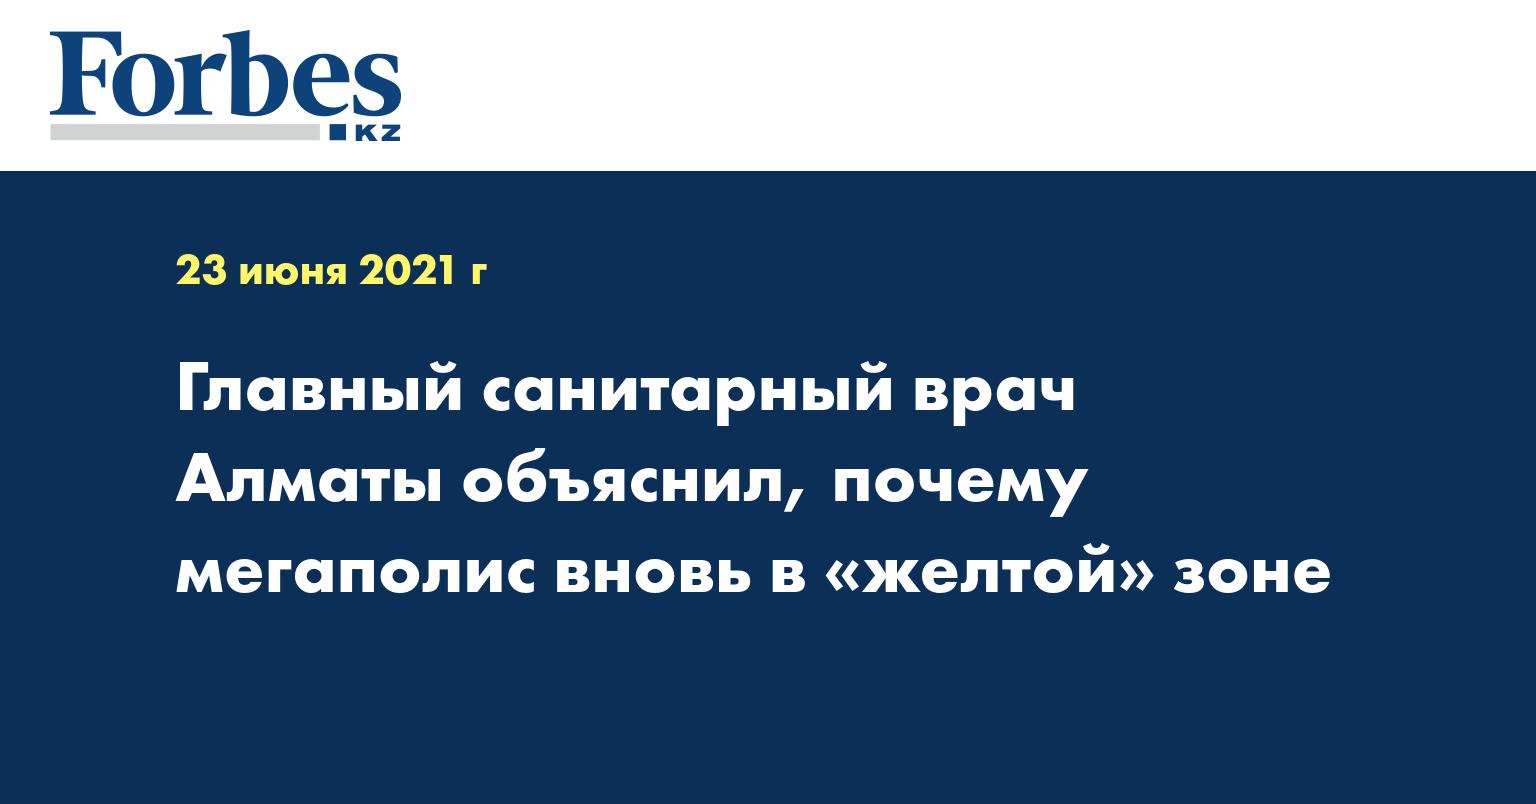 Главный санитарный врач Алматы объяснил, почему мегаполис вновь в «желтой» зоне